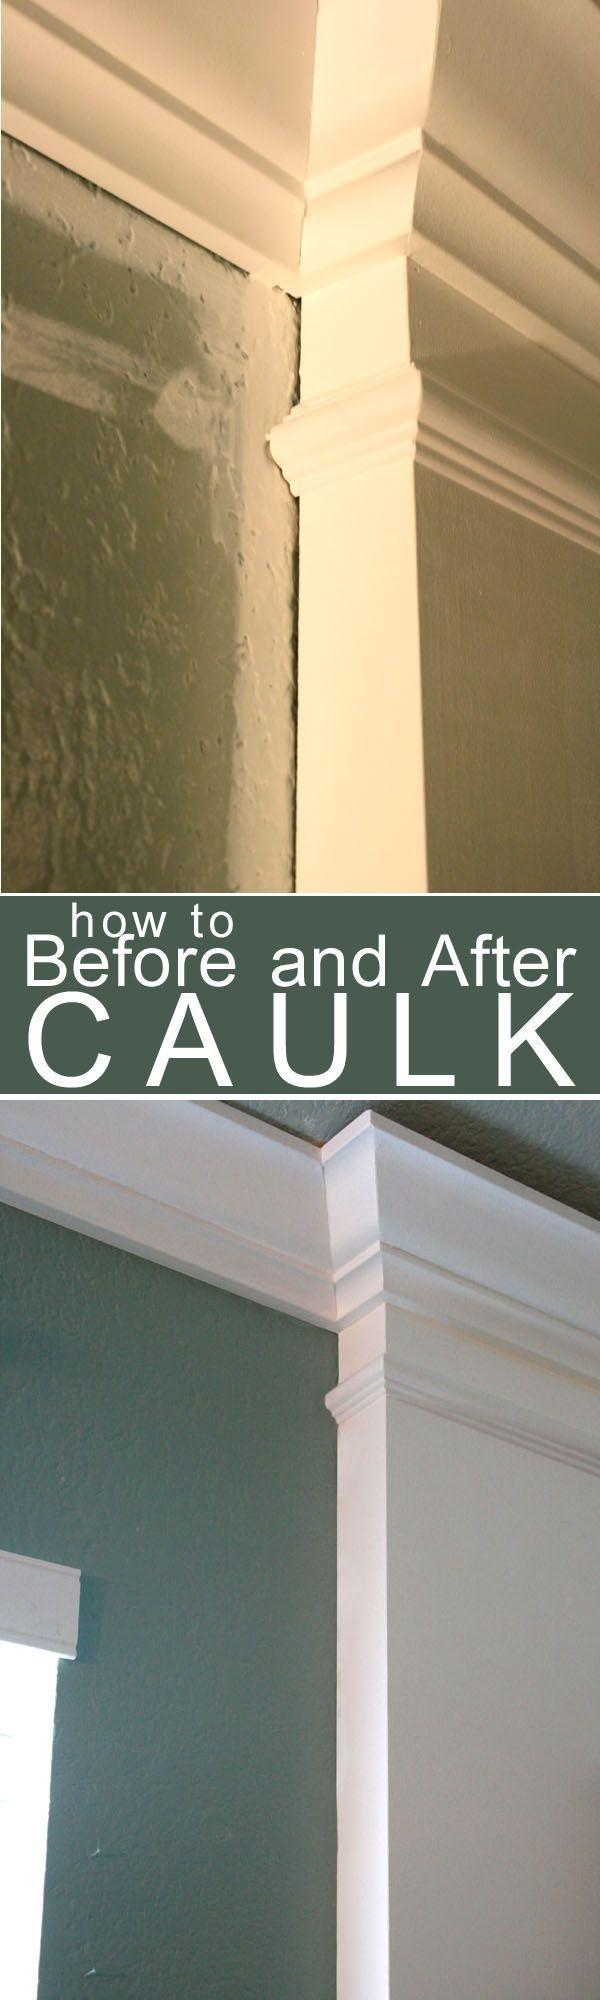 DIY How To Caulk Moldings. | Bath | Pinterest | Moldings, House and ...